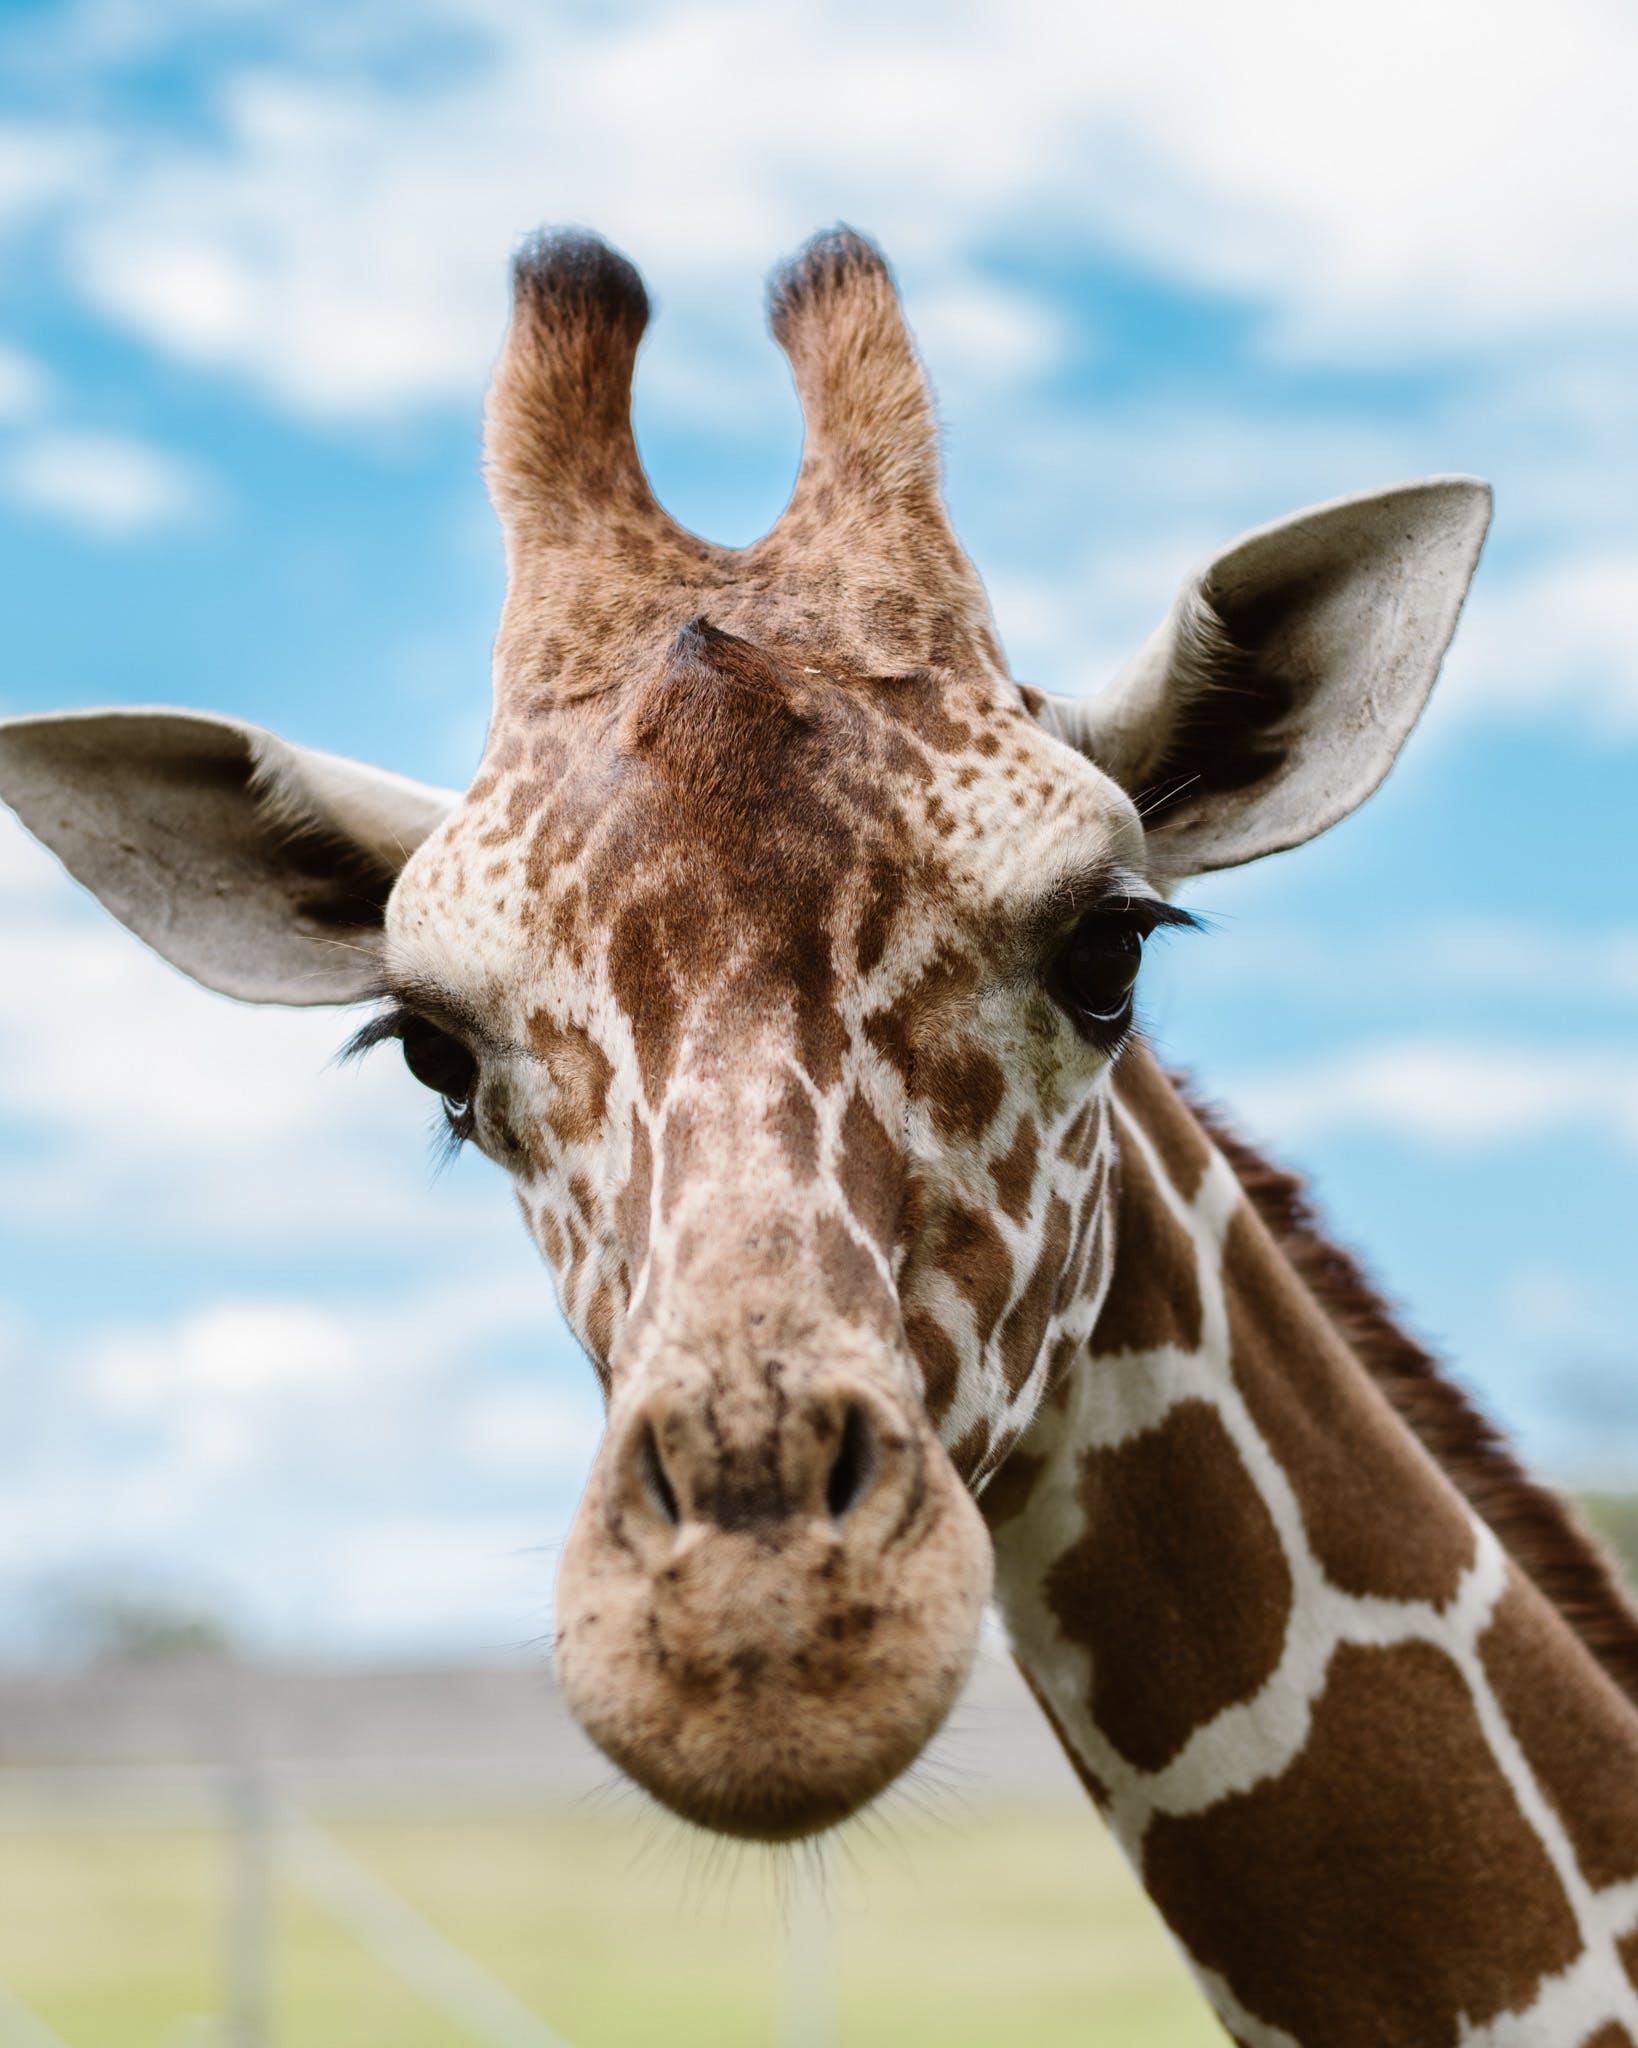 Free stock photo of giraffe